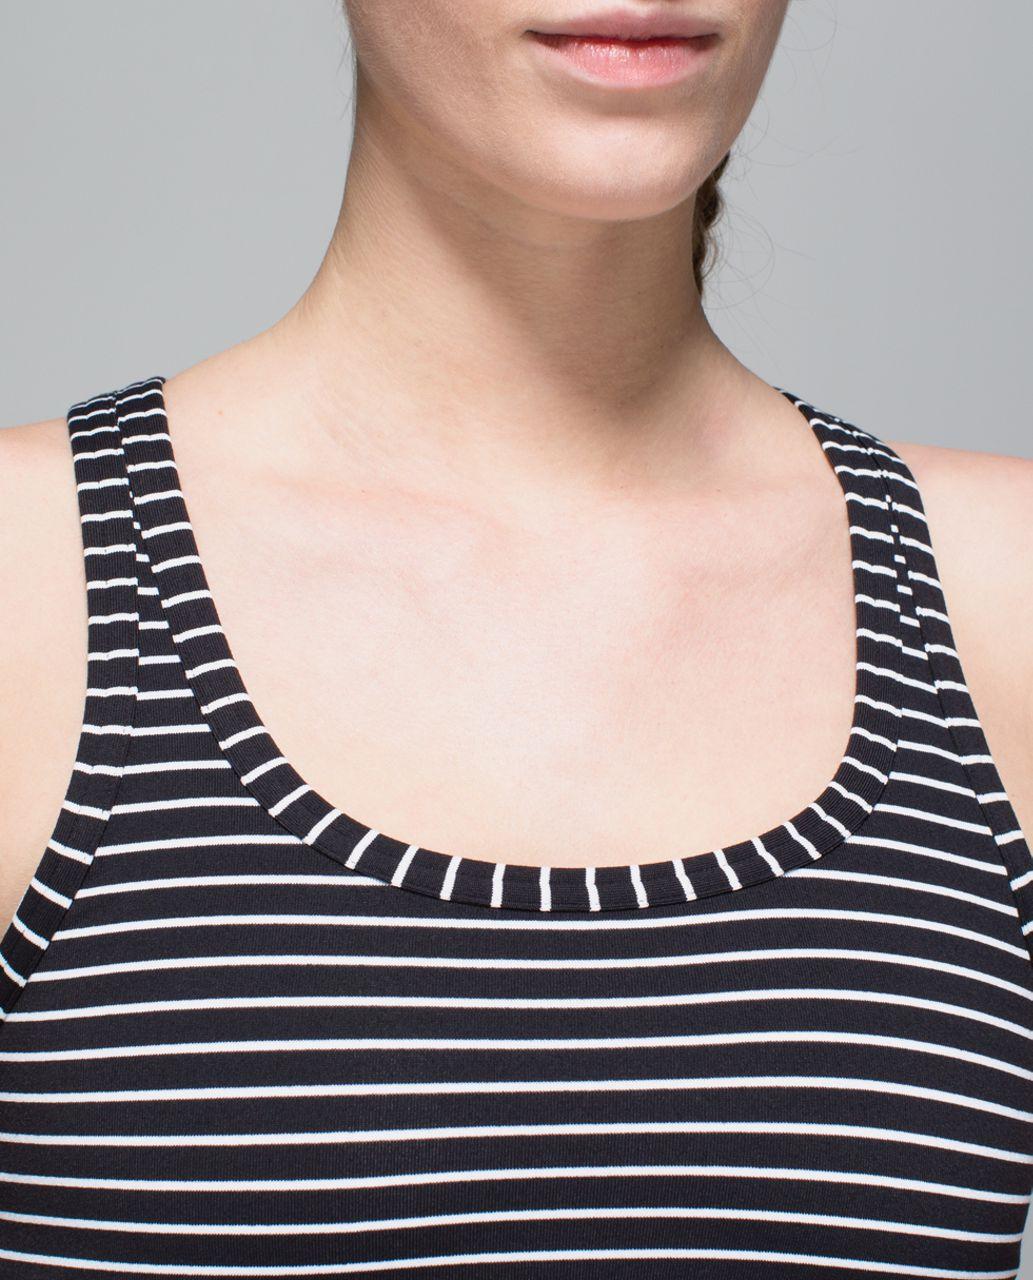 Lululemon Studio Racerback - Parallel Stripe Black White